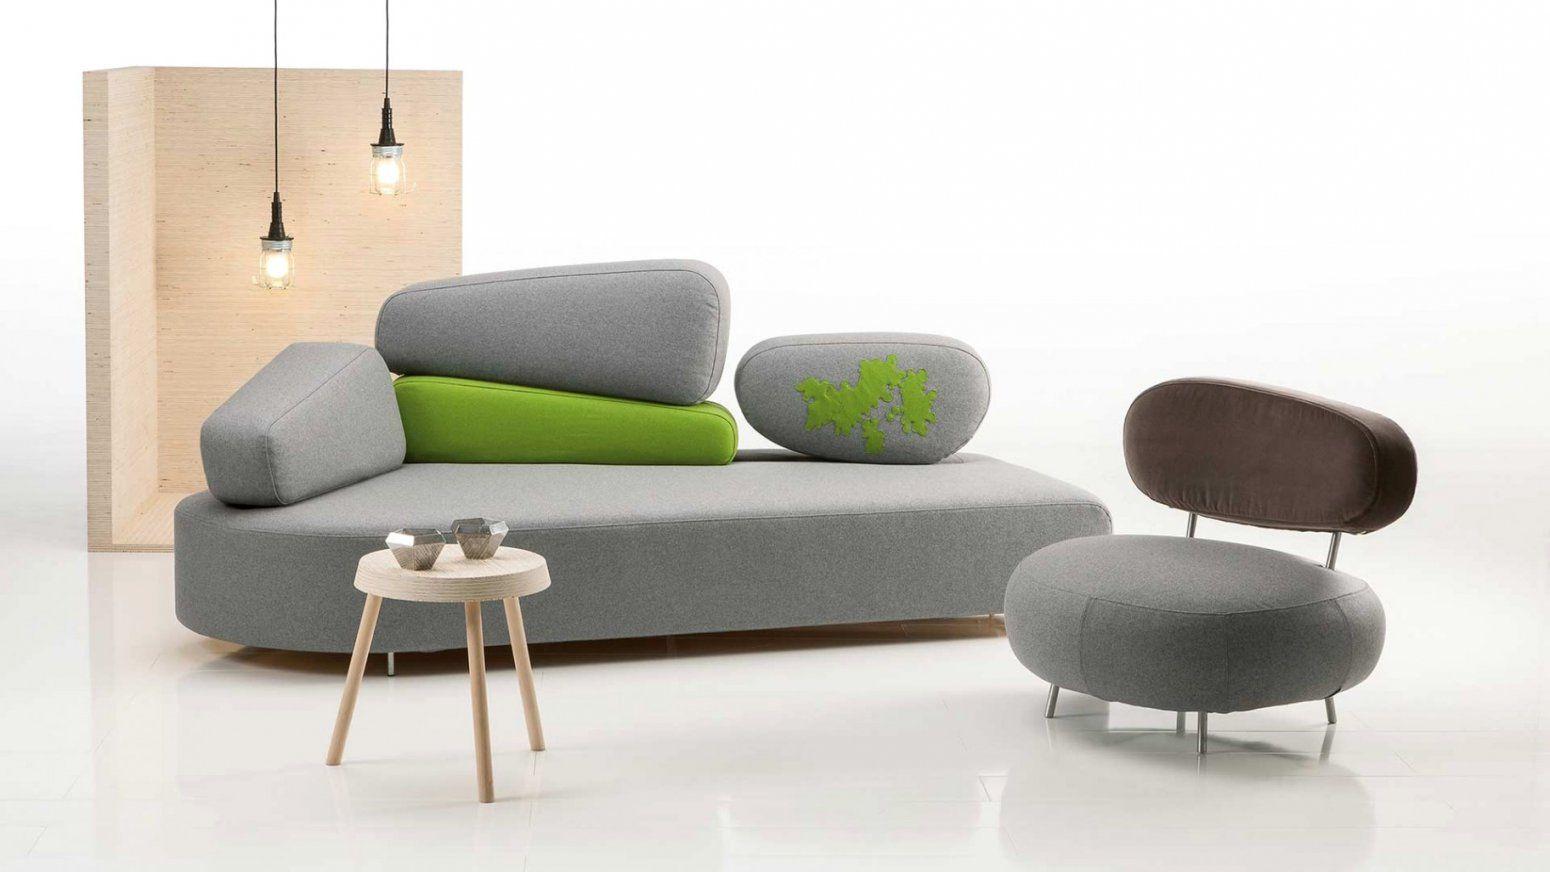 Interessant Sofa Ideen Einzigartig Sofas Für Kleine Räume Fotos von Gemütliches Sofa Für Kleine Räume Photo